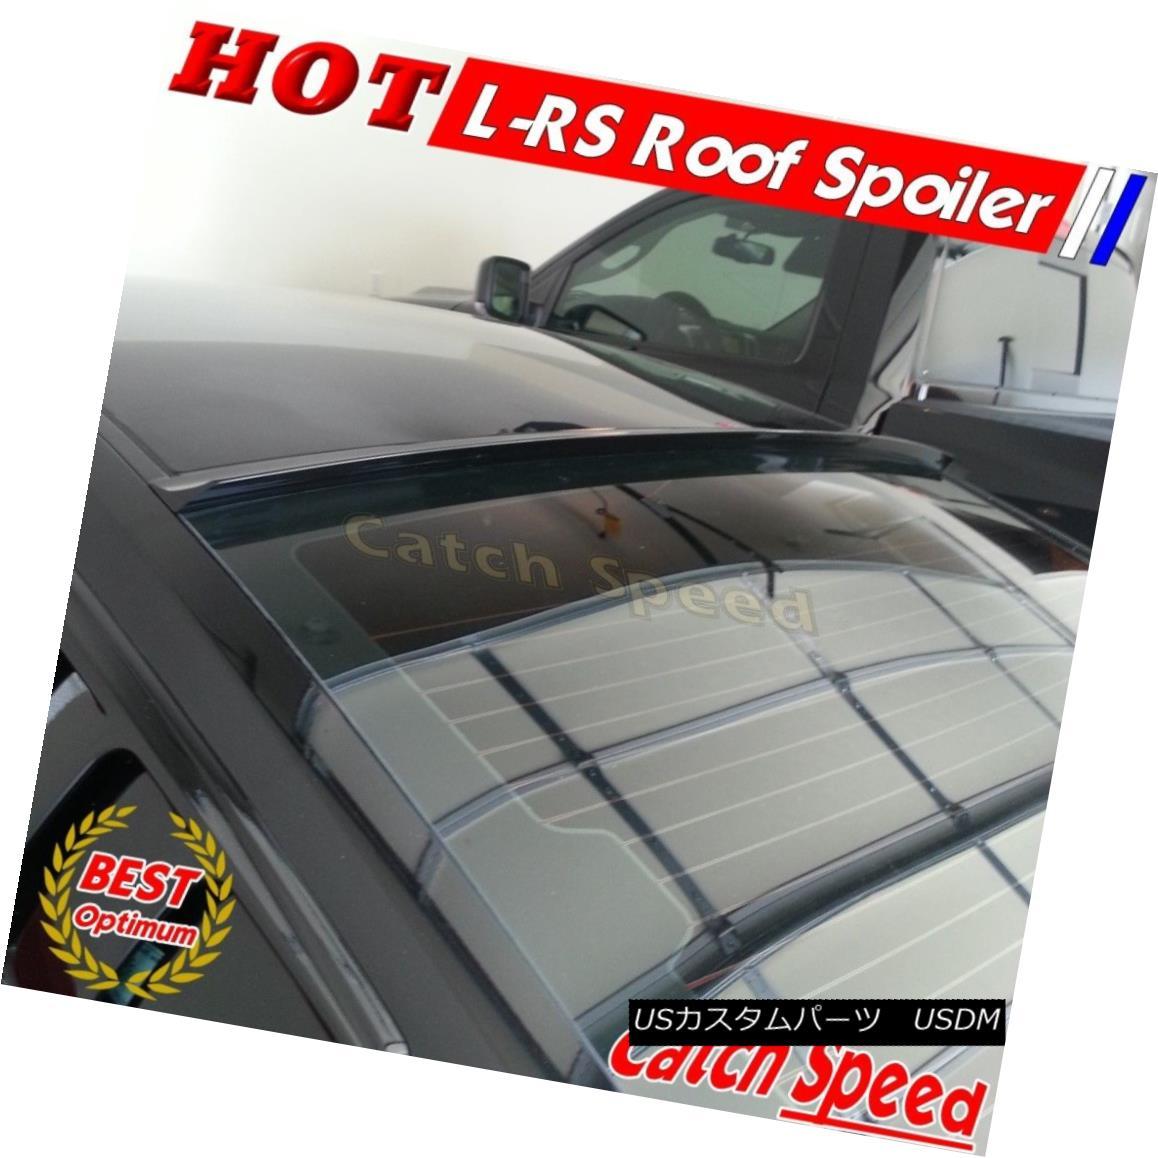 エアロパーツ Painted L Style Rear Roof Spoiler Wing For Cadillac XTS Sedan 2013-2016 ? キャデラックXTSセダン2013-2016のためのペイントされたLスタイルのリアルーフスポイラーウィング?